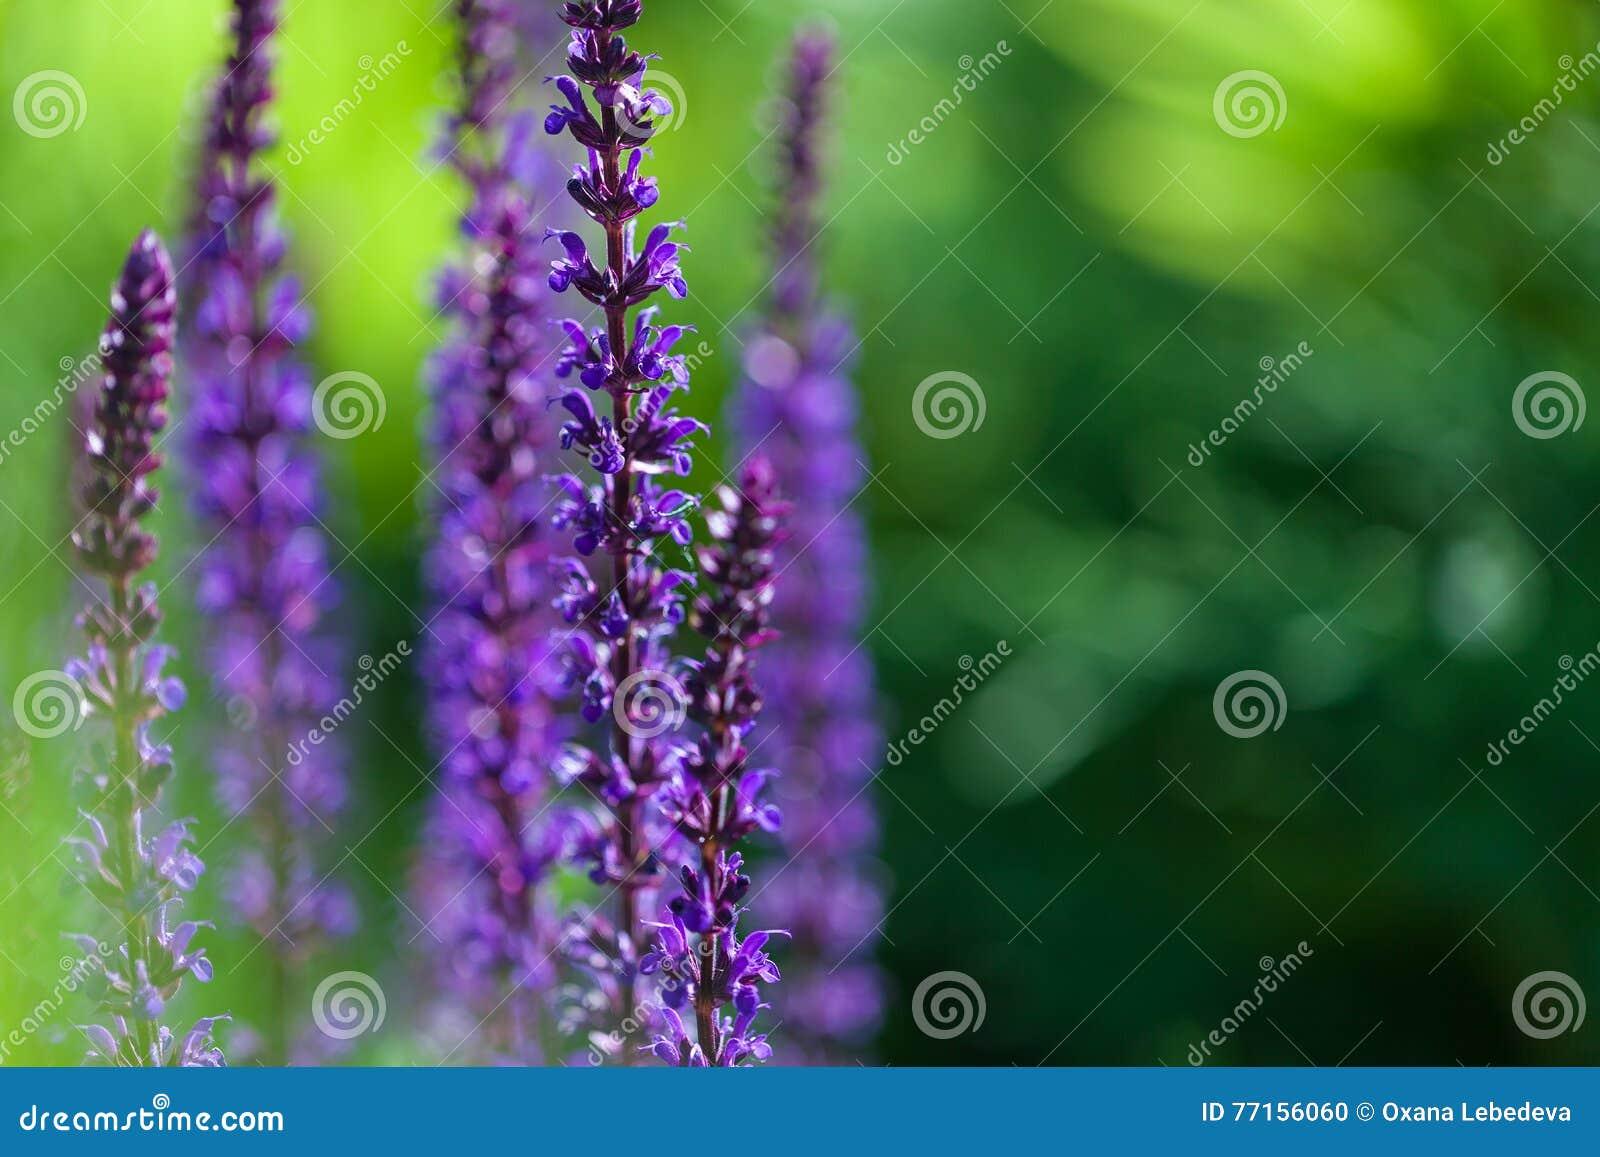 L image de plan rapproché de la lavande violette fleurit dans le domaine dans le jour ensoleillé